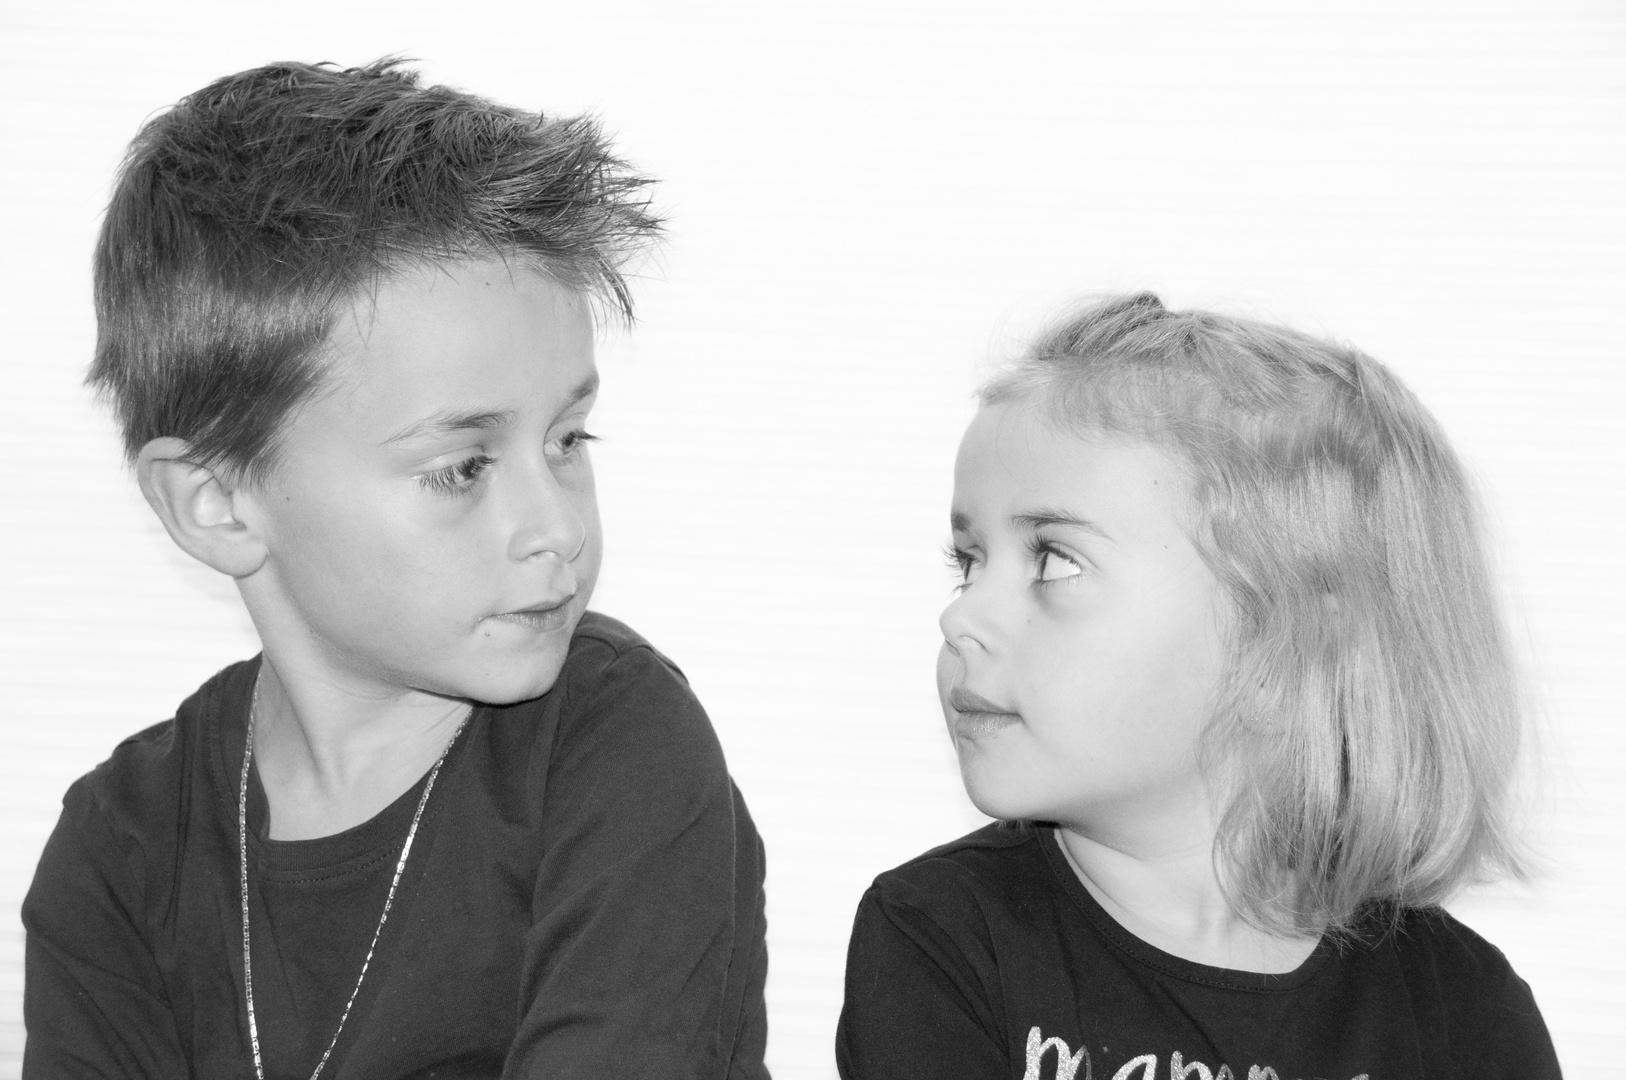 Ich betrachte meinen Bruder / meine Schwester Foto & Bild